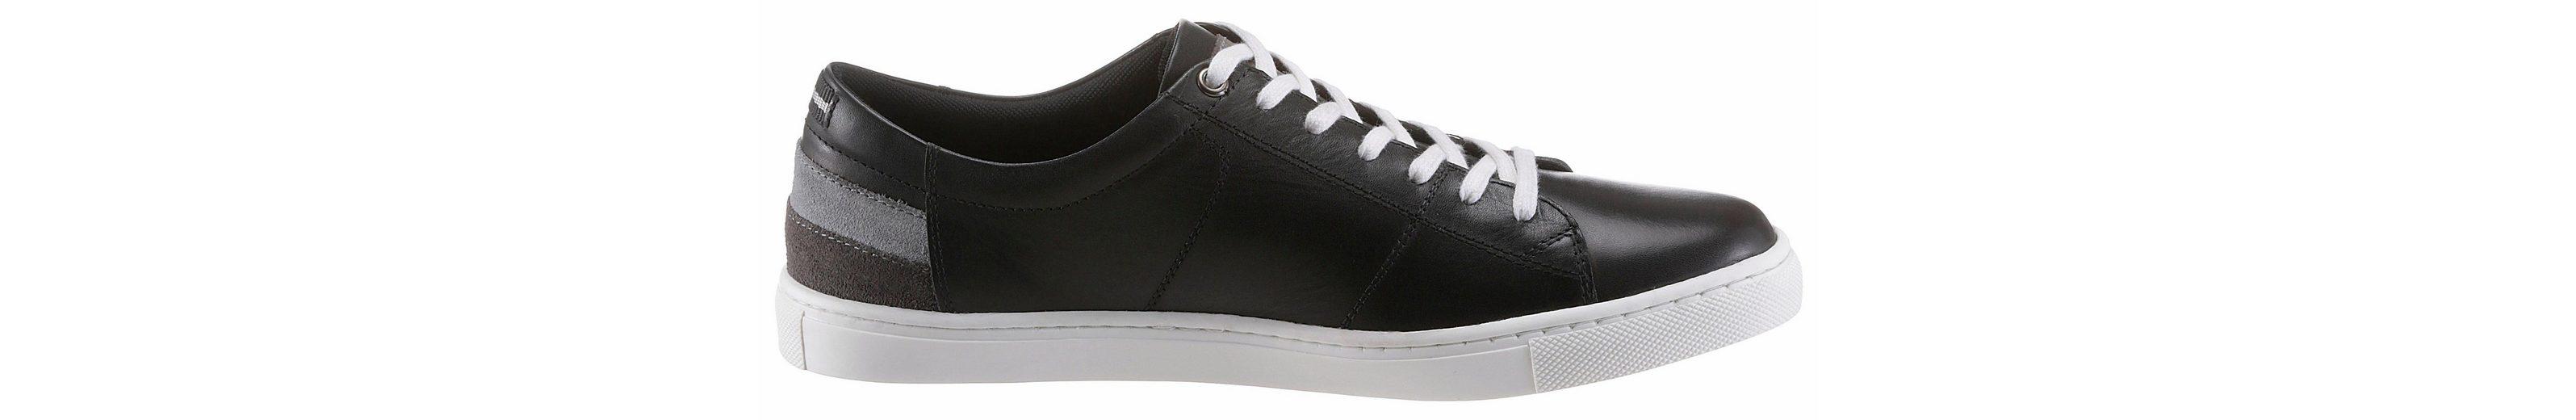 PETROLIO Sneaker, mit modischer Ziernaht an der Laufsohle